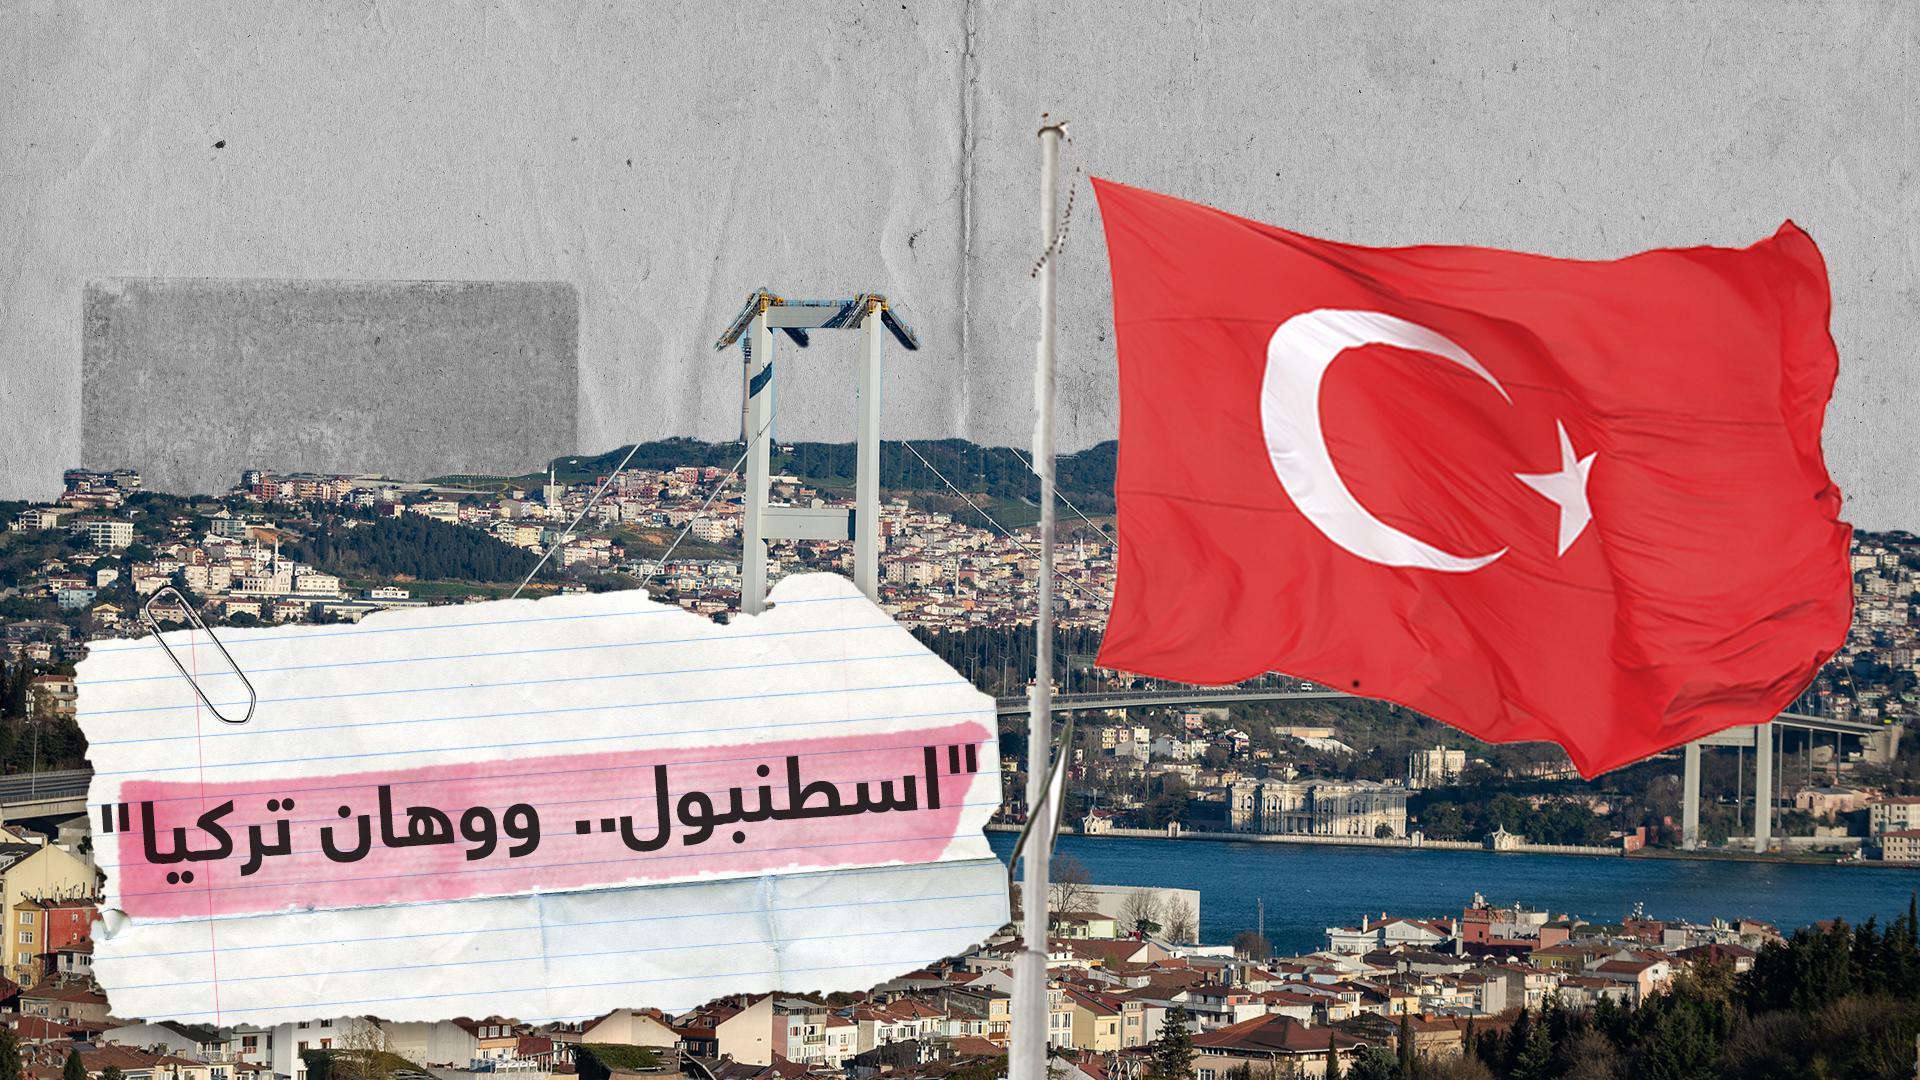 وزير الصحة التركي يشبه اسطنبول بووهان